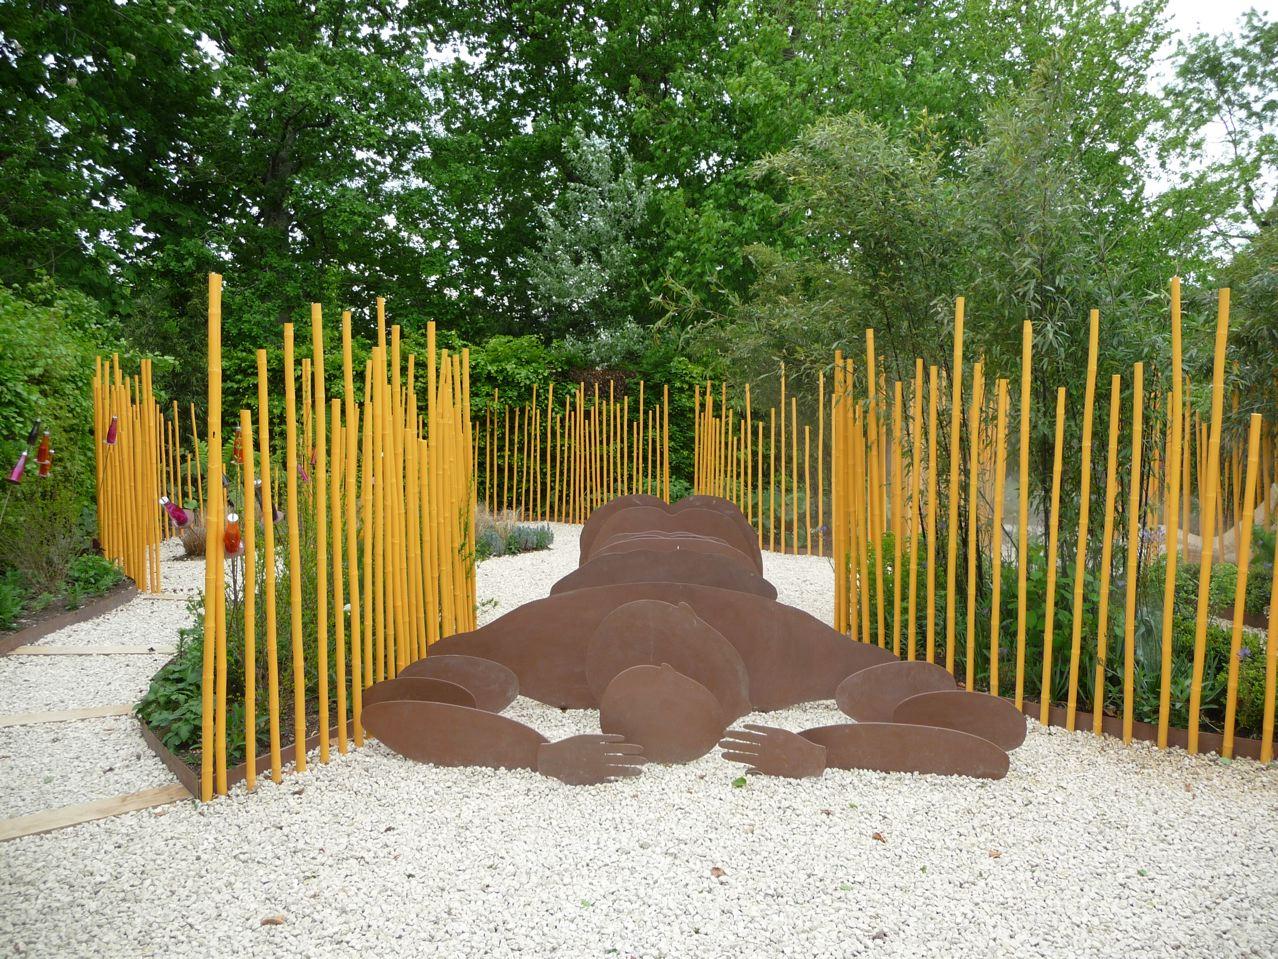 nibelle et baudouin festival des jardins de chaumont sur loire 2010. Black Bedroom Furniture Sets. Home Design Ideas